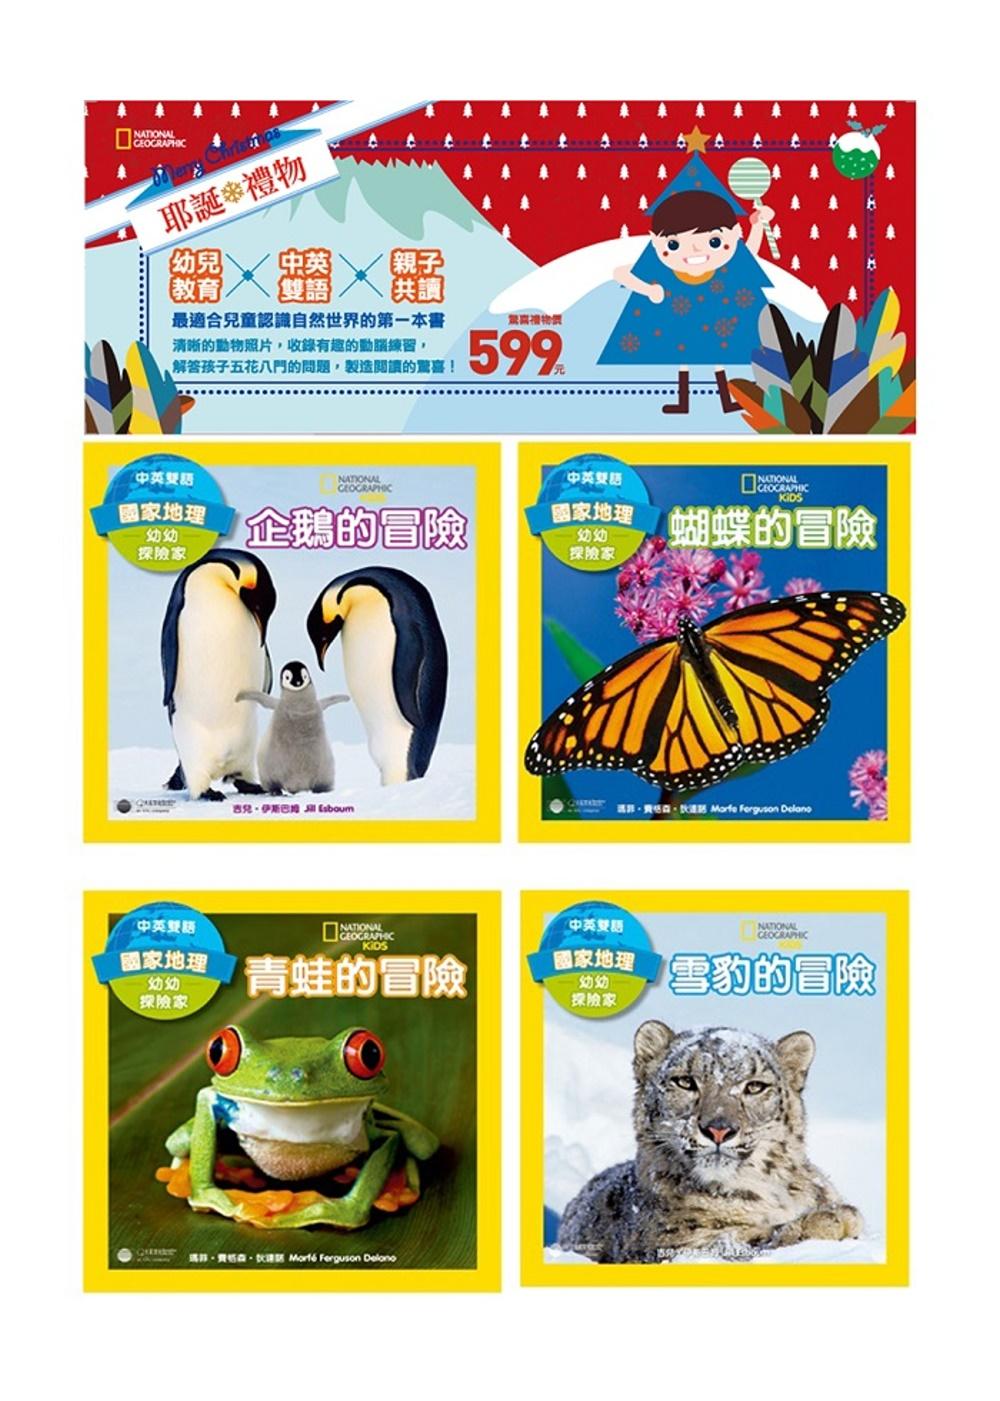 國家地理耶誕禮物書 幼幼探險家系列套書(共4冊):青蛙的冒險/雪豹的冒險/企鵝的冒險/蝴蝶的冒險